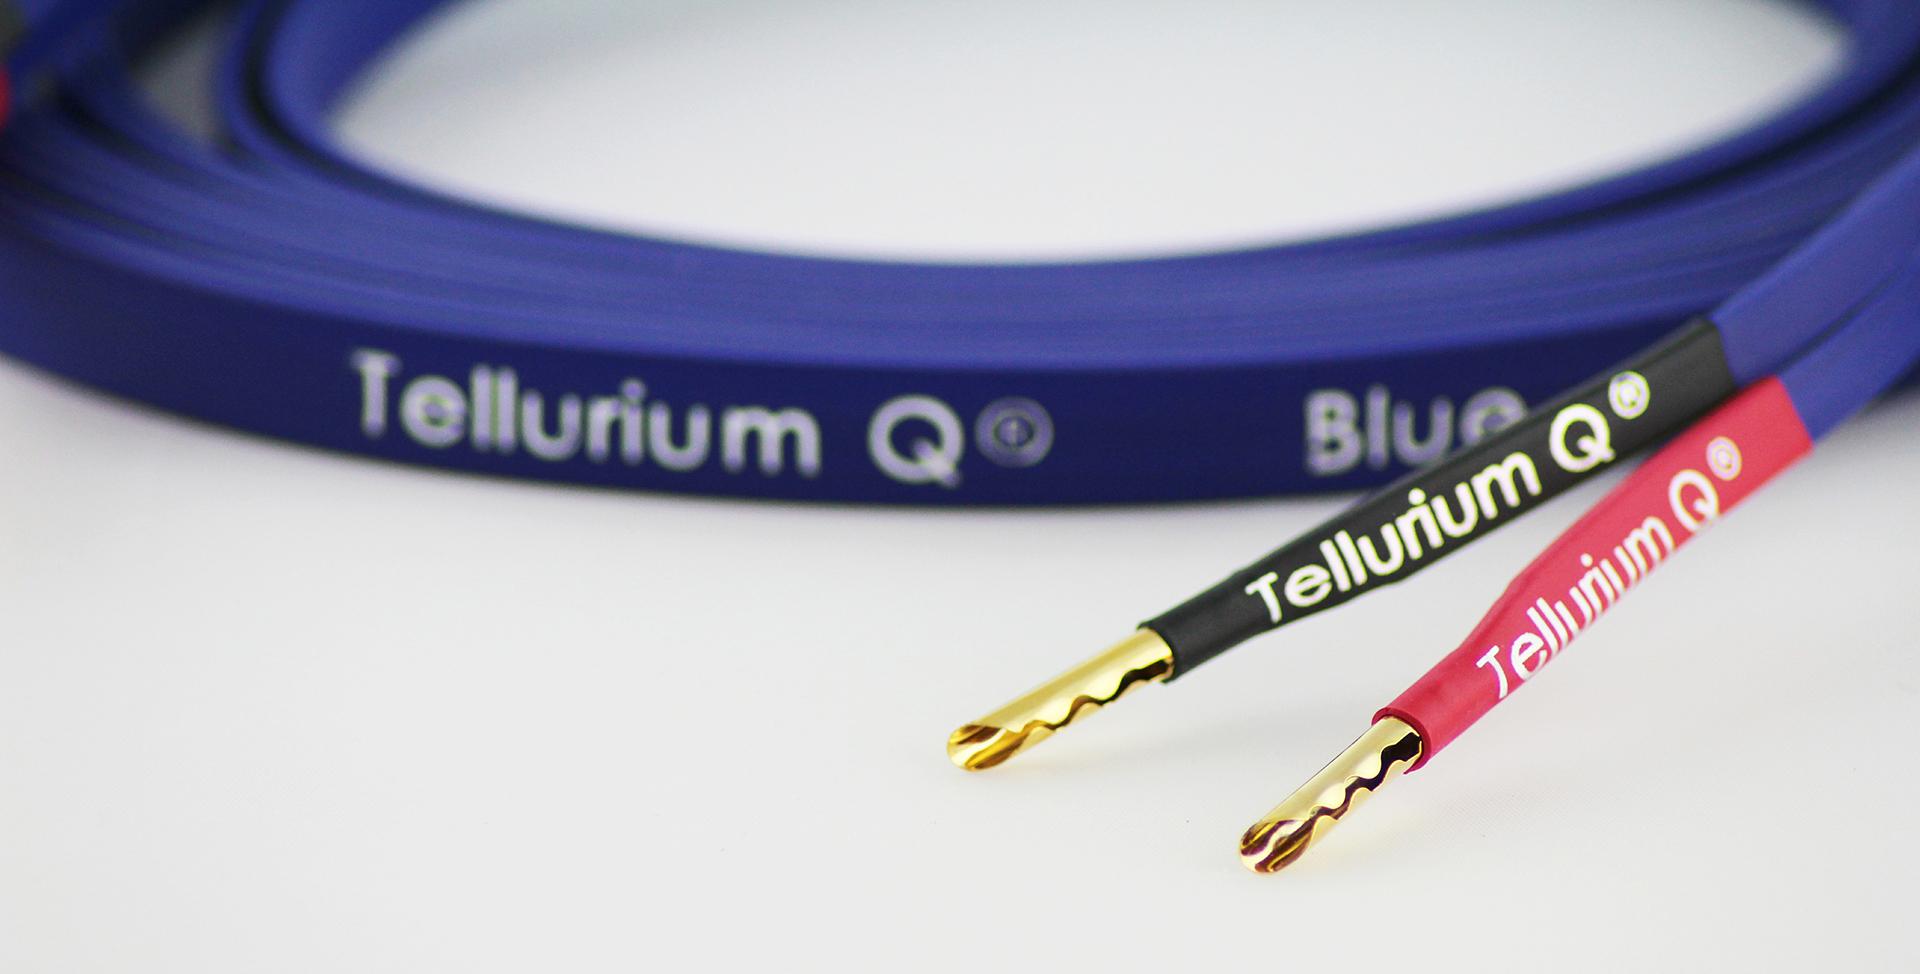 Tellurium Q | Blue | Lautsprecher Kabel